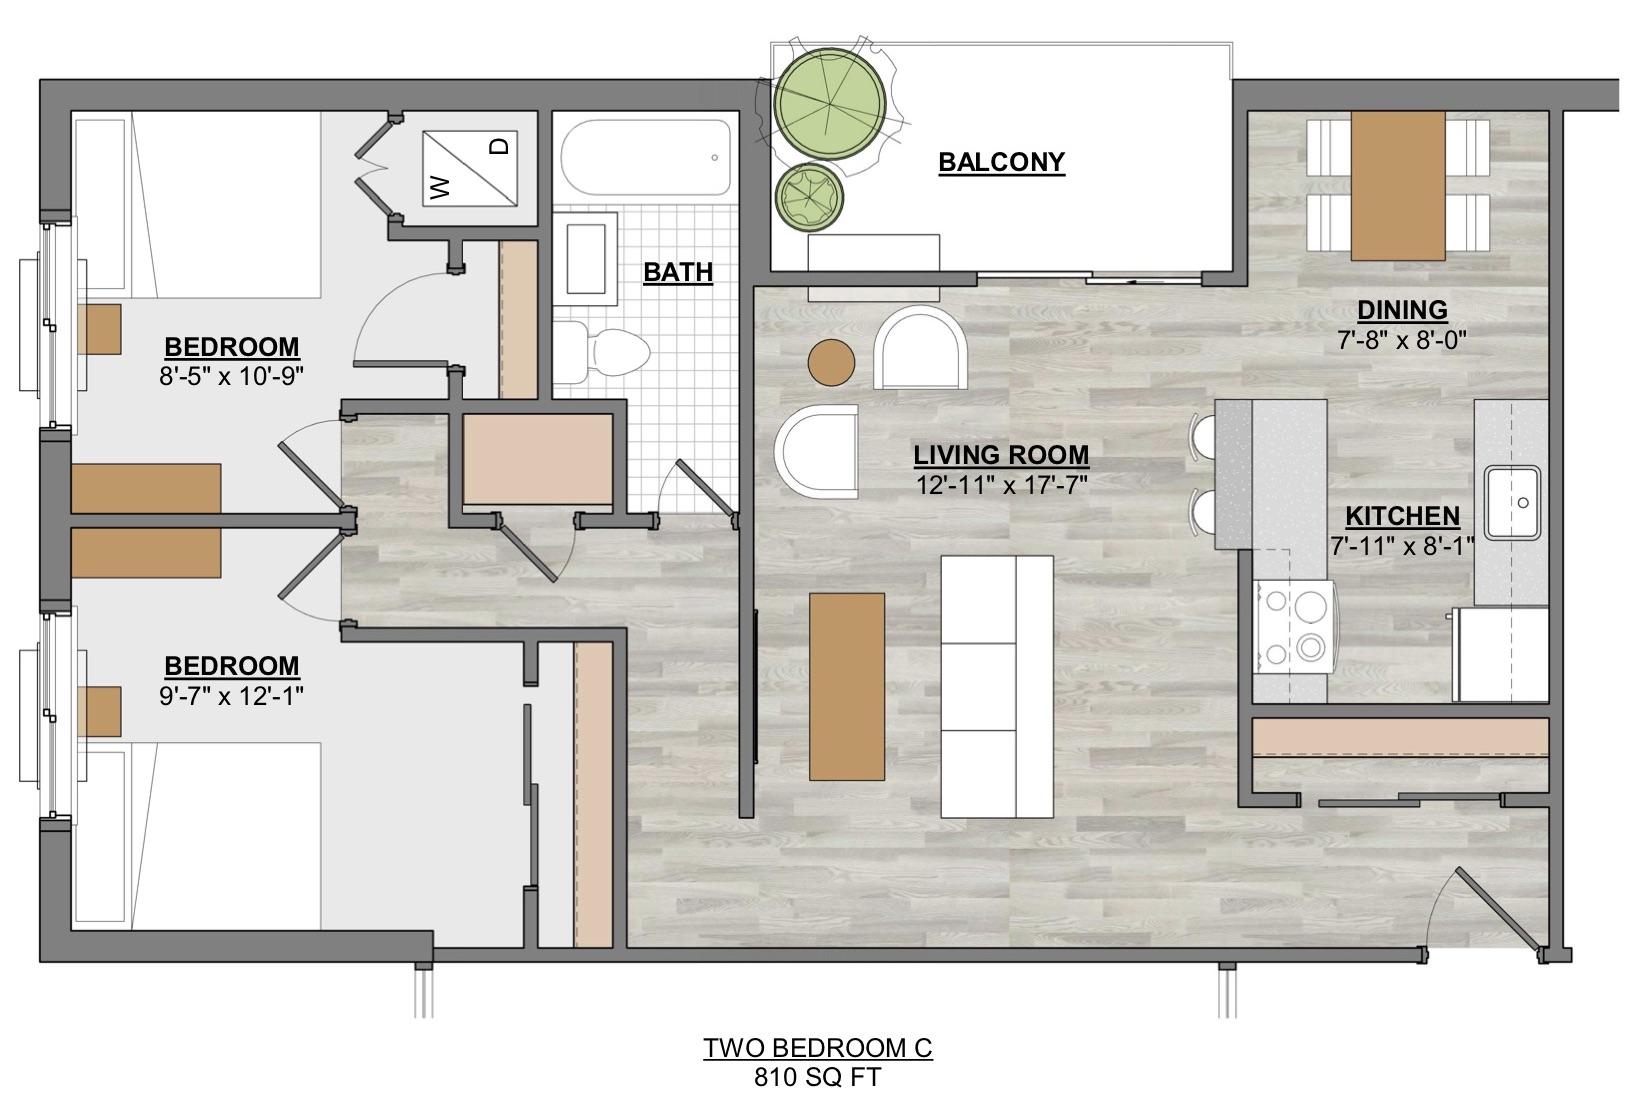 Algon Flats Two Bedroom C